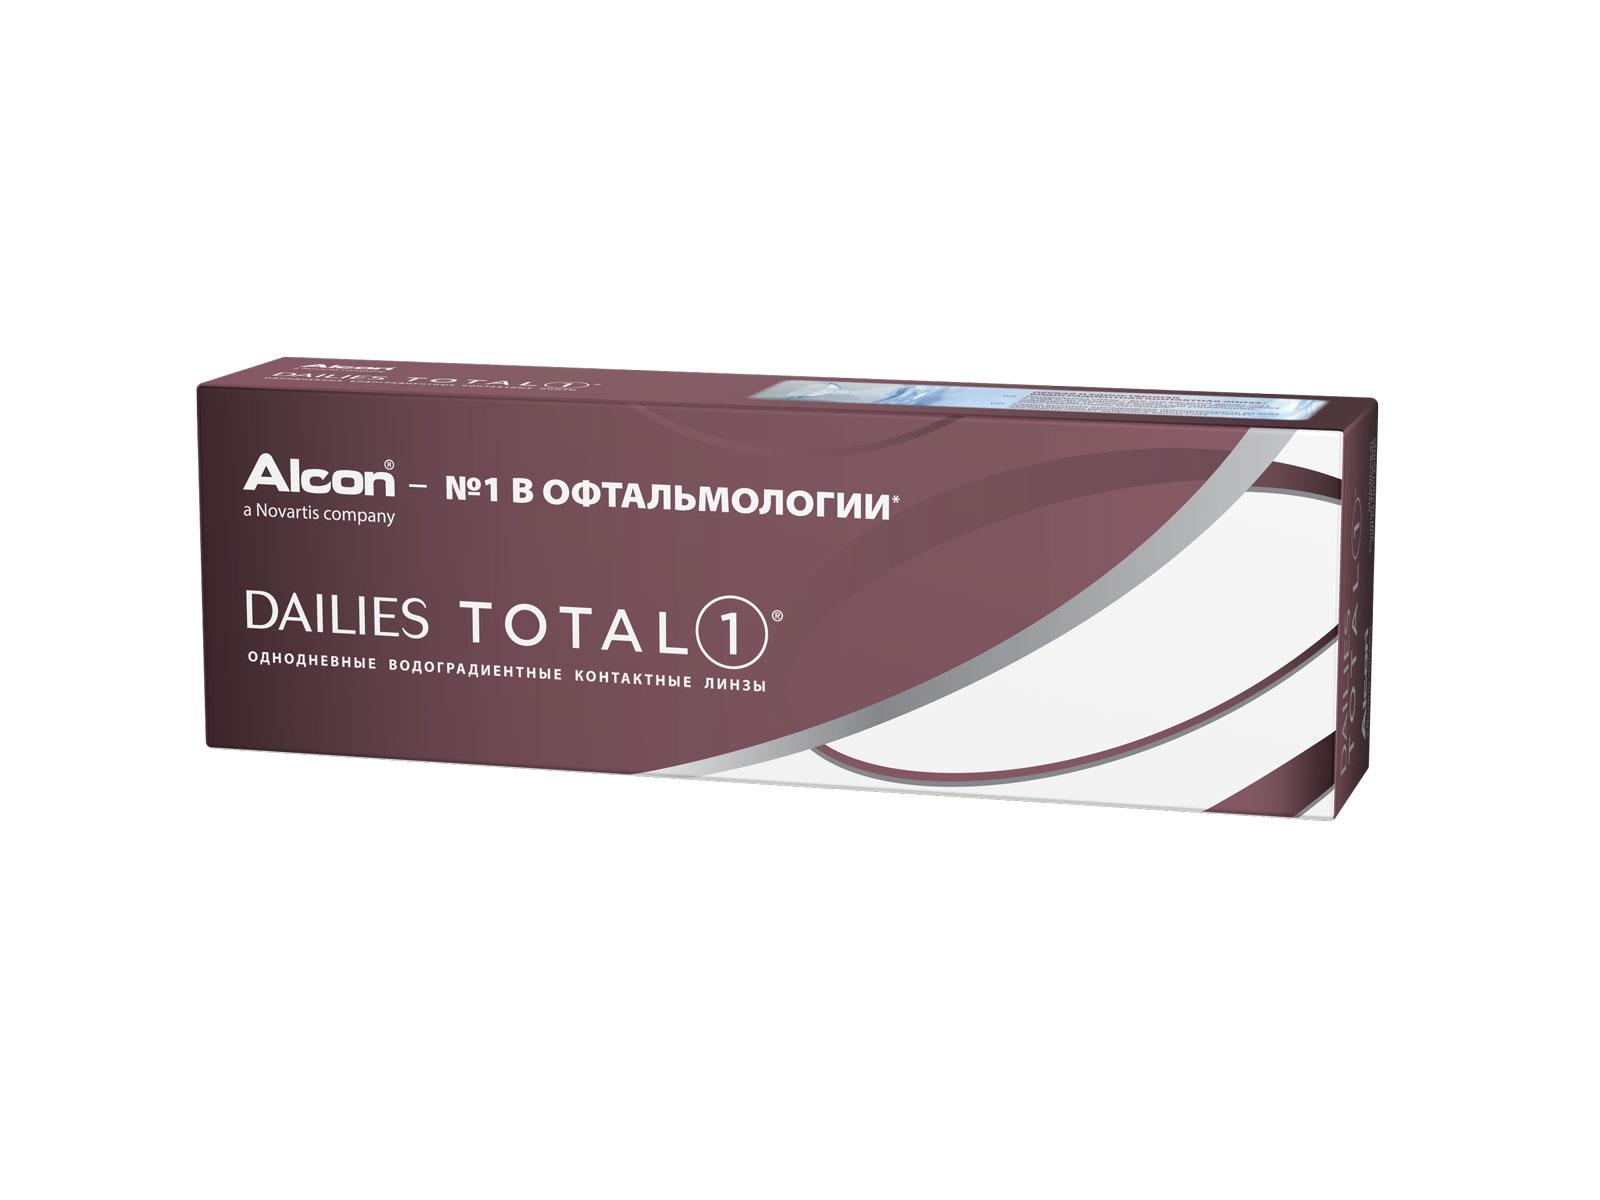 Alcon контактные линзы Dailies Total 1 30pk /+1.50 / 8.5 / 14.100-00000156Dailies Total 1 – линзы, которые не чувствуешь с утра и до позднего вечера. Эти однодневные контактные линзы выполнены из уникального водоградиентного материала, благодаря которому натуральная слеза – это все, что касается ваших глаз. Почти 100% влаги на поверхности линзы обеспечивают комфорт в течение самого долгого дня. Ключевые особенности и преимущества Dailies Total 1: -Линзы, которые не чувствуешь с утра и до позднего вечера. Влагосодержание на поверхности линзы Dailies Total 1 достигает 100% . Это делает линзу ультрагладкой, таким образом ваше веко не чувствует ее во время моргания. Уникальный водоградиентный материал обеспечивает вам более 16 часов комфортного ношения. -Здоровье, без покрасневших глаз. Чтобы ваши глаза не краснели и чувствовали себя здоровыми, им нужно дышать также как и вам. Контактные линзы Dailies Total 1 пропускают больше кислорода, чем все остальные однодневные контактные линзы.